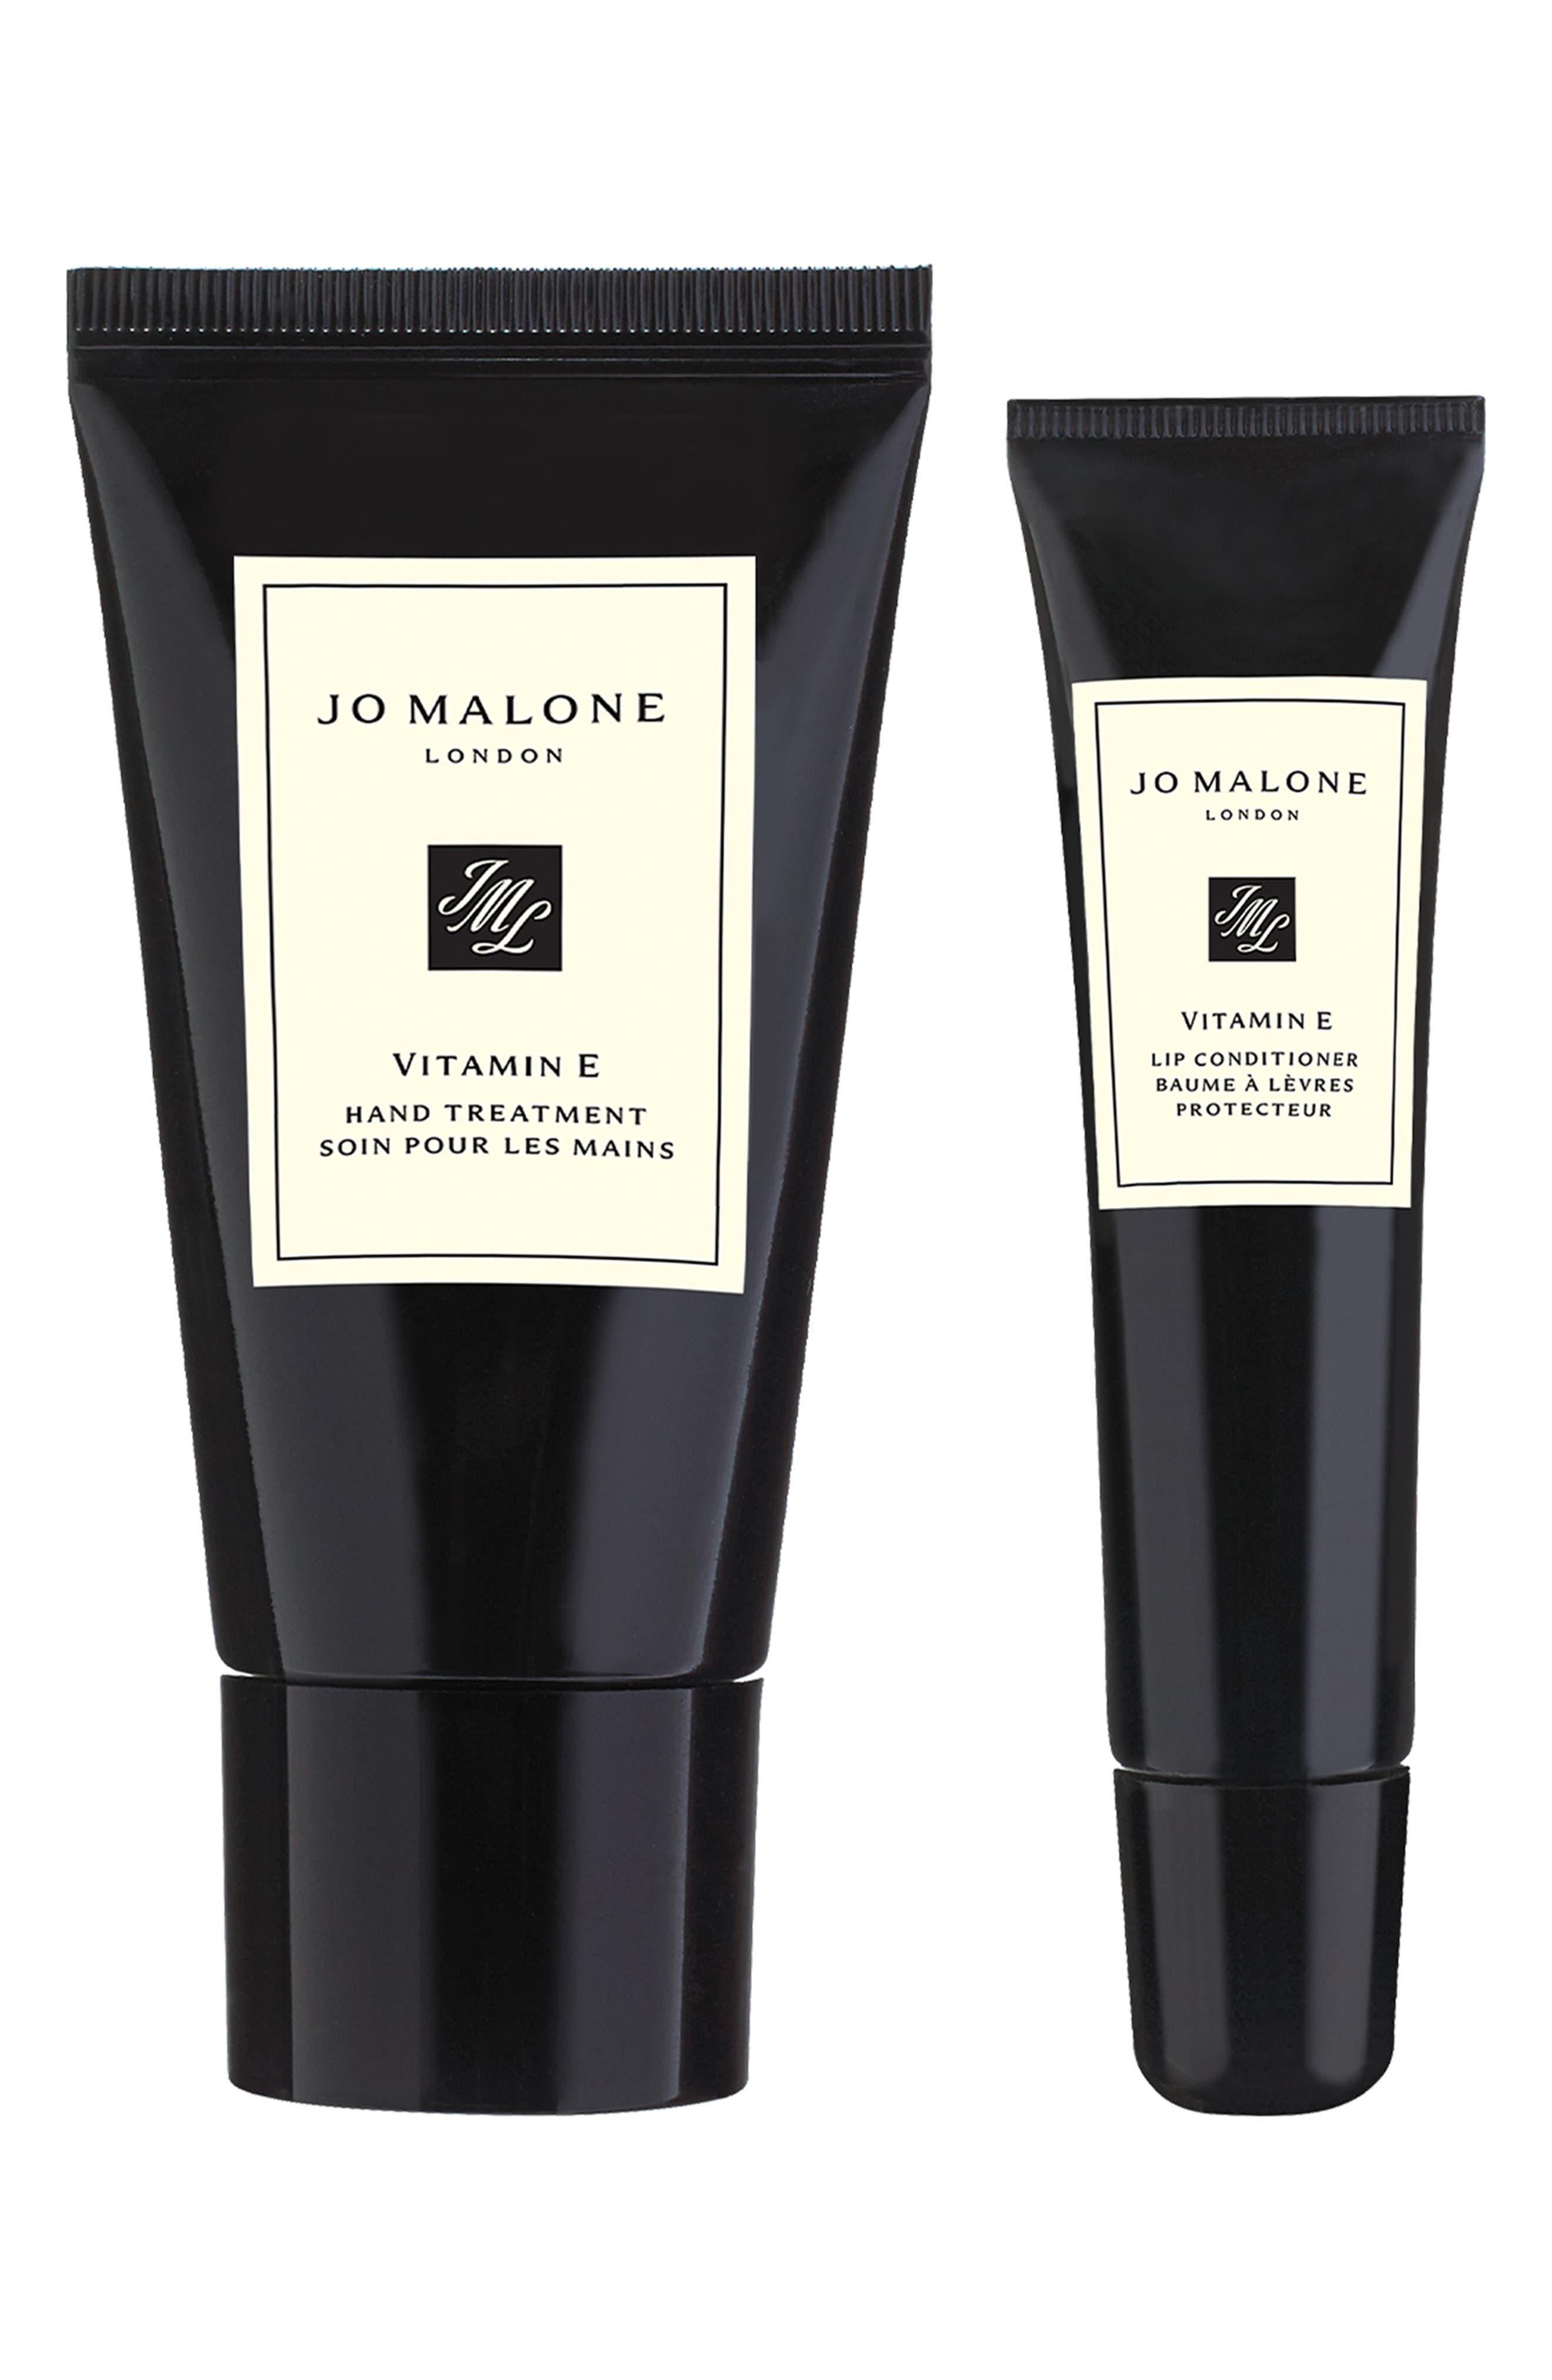 Jo Malone London(TM) Travel Size Vitamin E Hand & Lip Duo